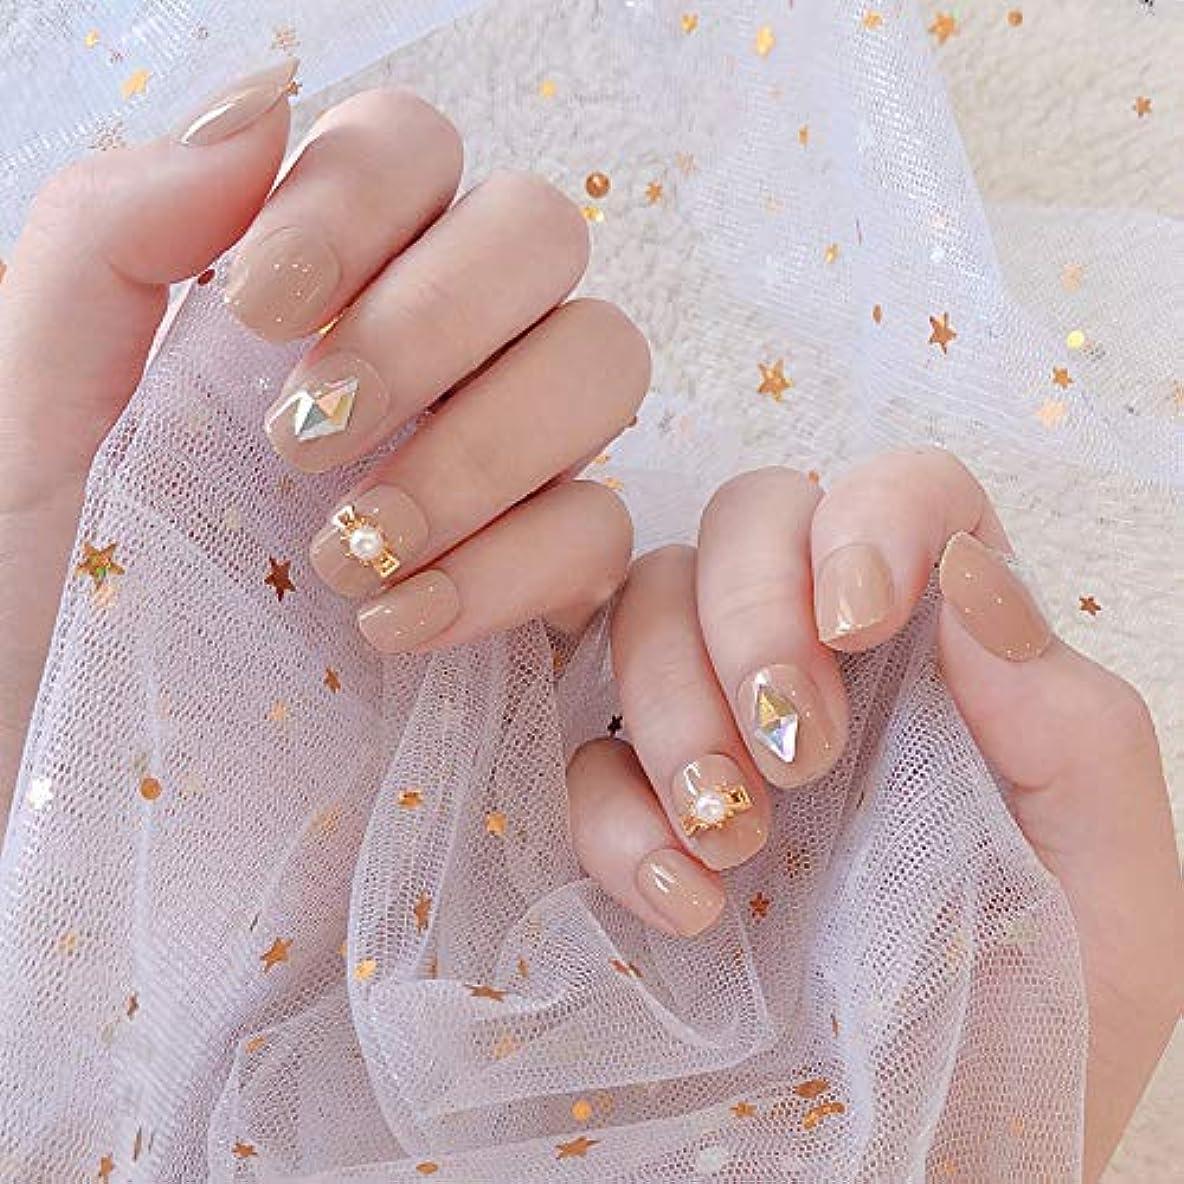 衛星ハーフ付録XUTXZKA 光沢のあるダイヤモンド花嫁ネイルアートグリッド花ネイルステッカーショートフルカバー偽の爪